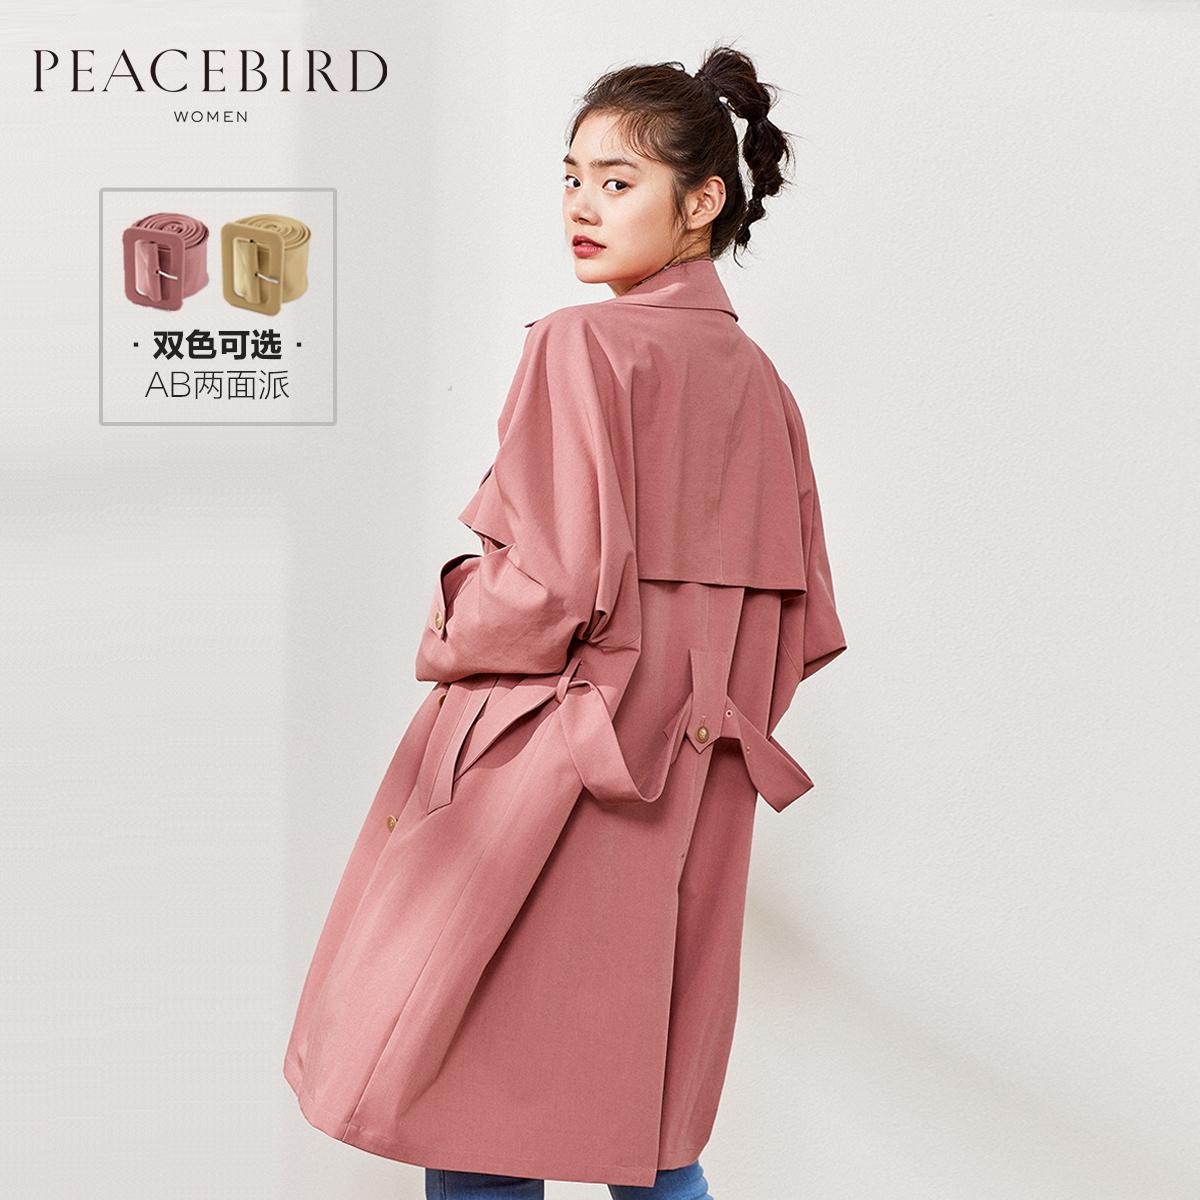 太平鸟风衣女中长款外套垂坠感2019秋季新款粉色复古英伦风衣外套